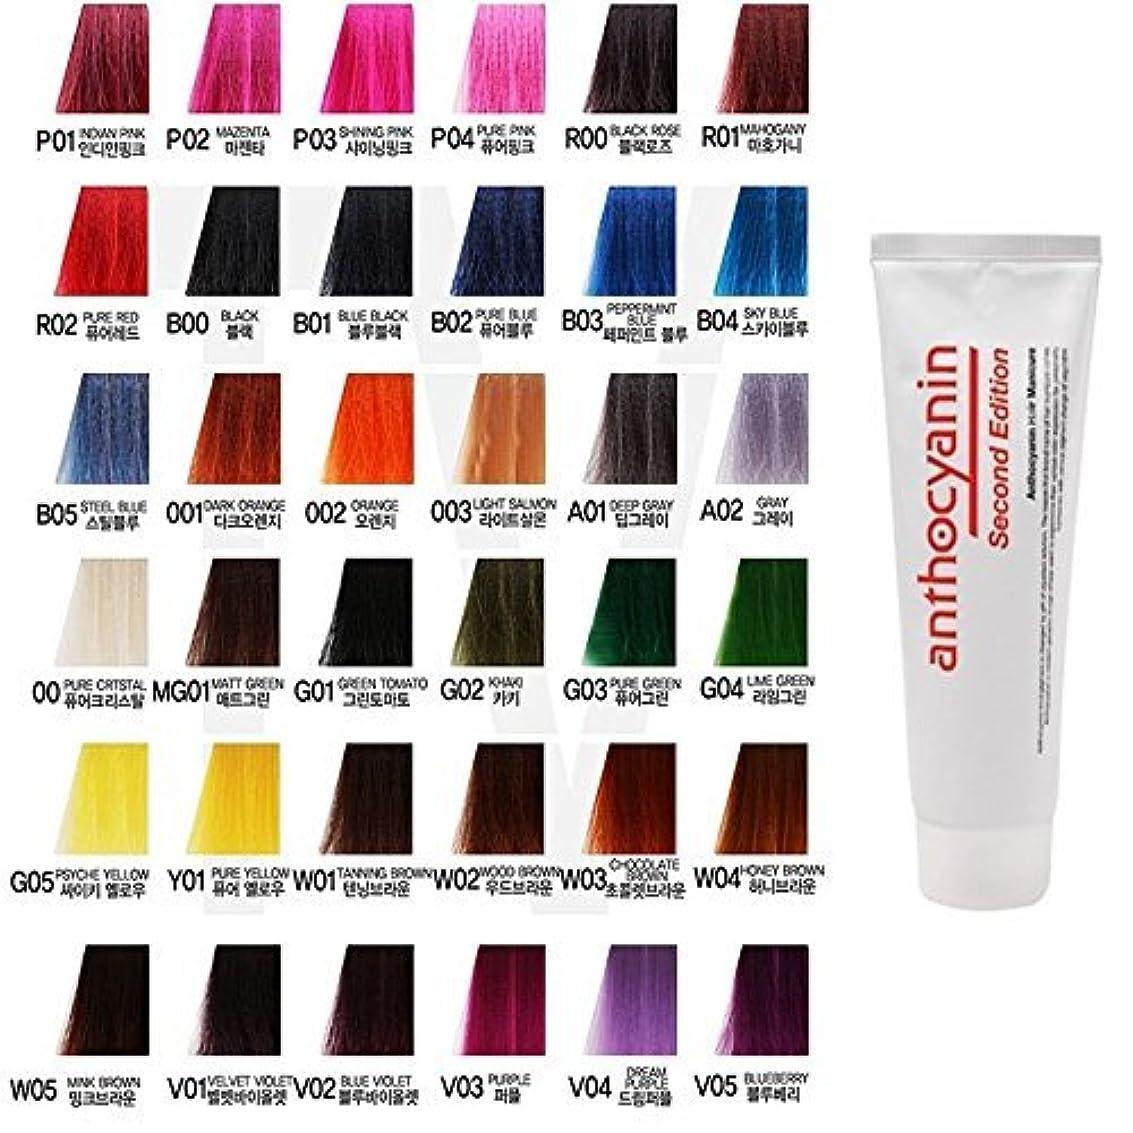 プラスチックフェードアウト集計ヘア マニキュア カラー セカンド エディション 230g セミ パーマネント 染毛剤 ( Hair Manicure Color Second Edition 230g Semi Permanent Hair Dye) [並行輸入品] (O02 Orange)